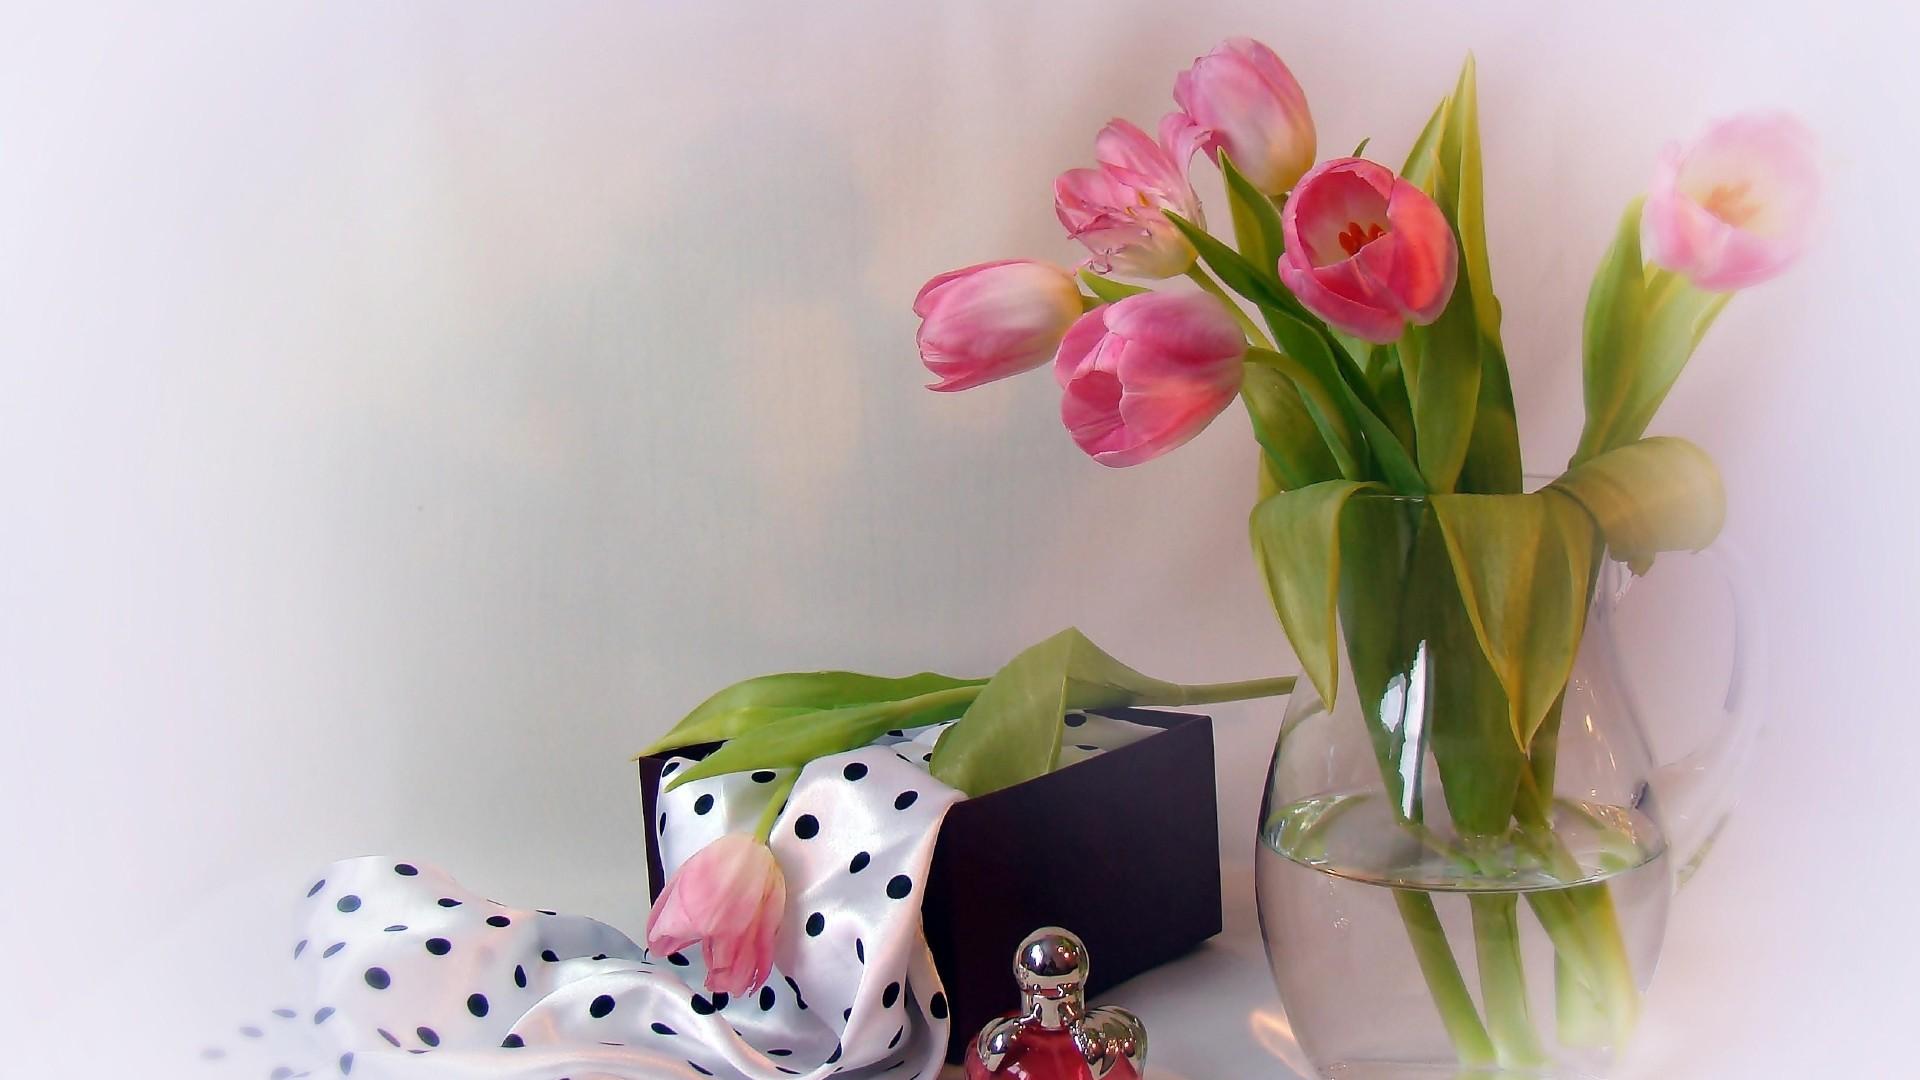 украшение торта тюльпаны в коробке картинки на фоне полосатых обоев сиреневых твёрдой земле